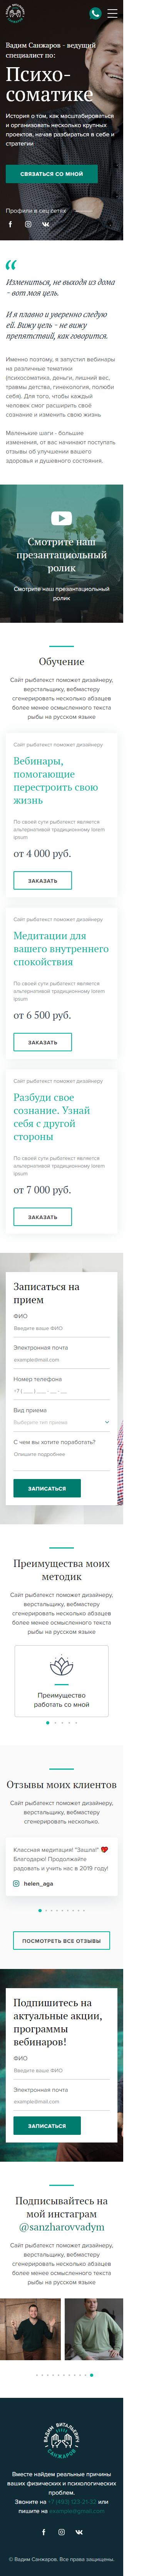 Адаптивная верстка многостраничного сайта по психосоматике [2019]